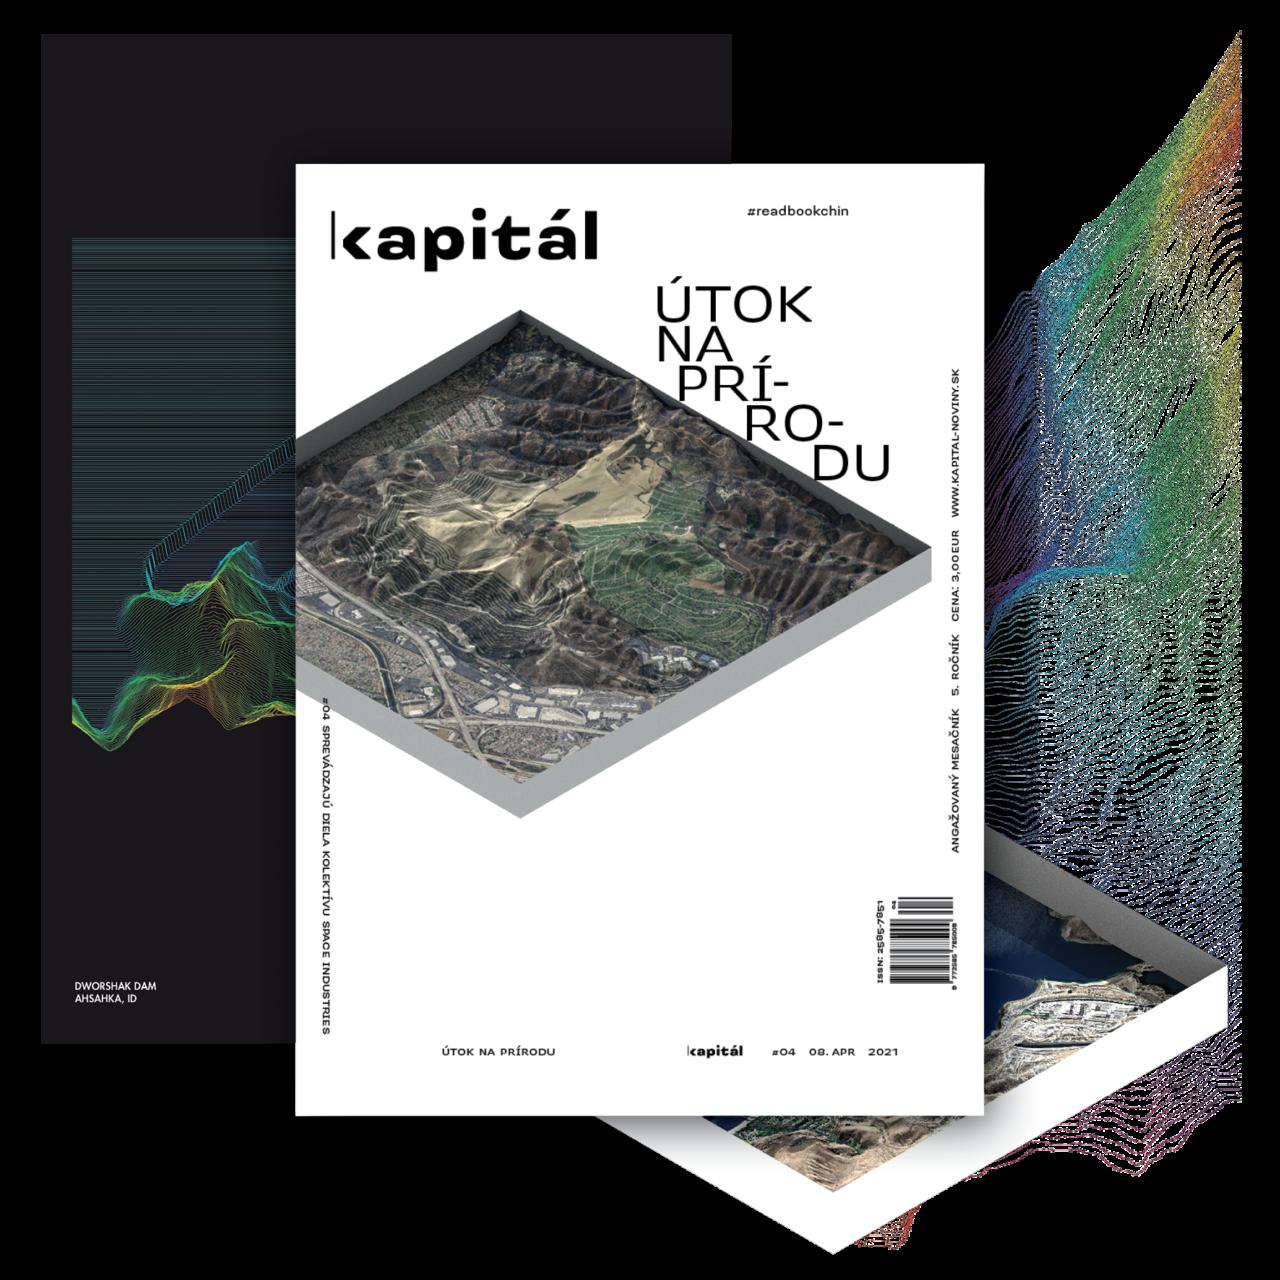 https://kapital-noviny.sk/wp-content/uploads/2021/04/2104_KAPITAL-04-WEB_PROFILOVKA-1280x1280.png